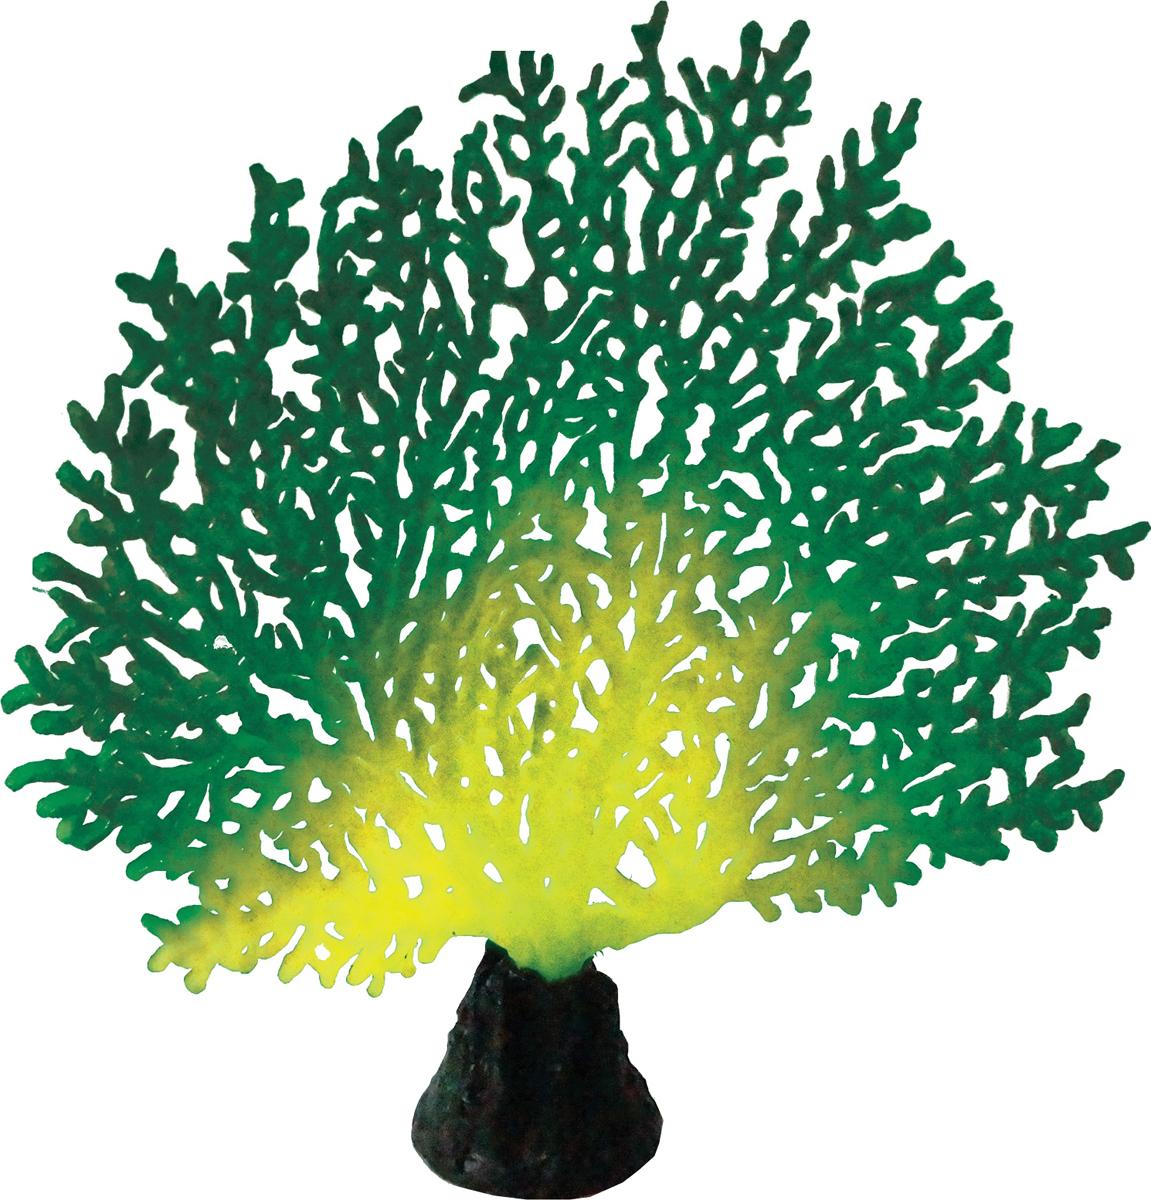 Декорация для аквариума Jelly-Fish Коралл, светящаяся, цвет: зеленый, 20,5 х 19 х 6,5 см декорация для аквариума dezzie руины лестница 16 5 х 7 8 х 8 5 см